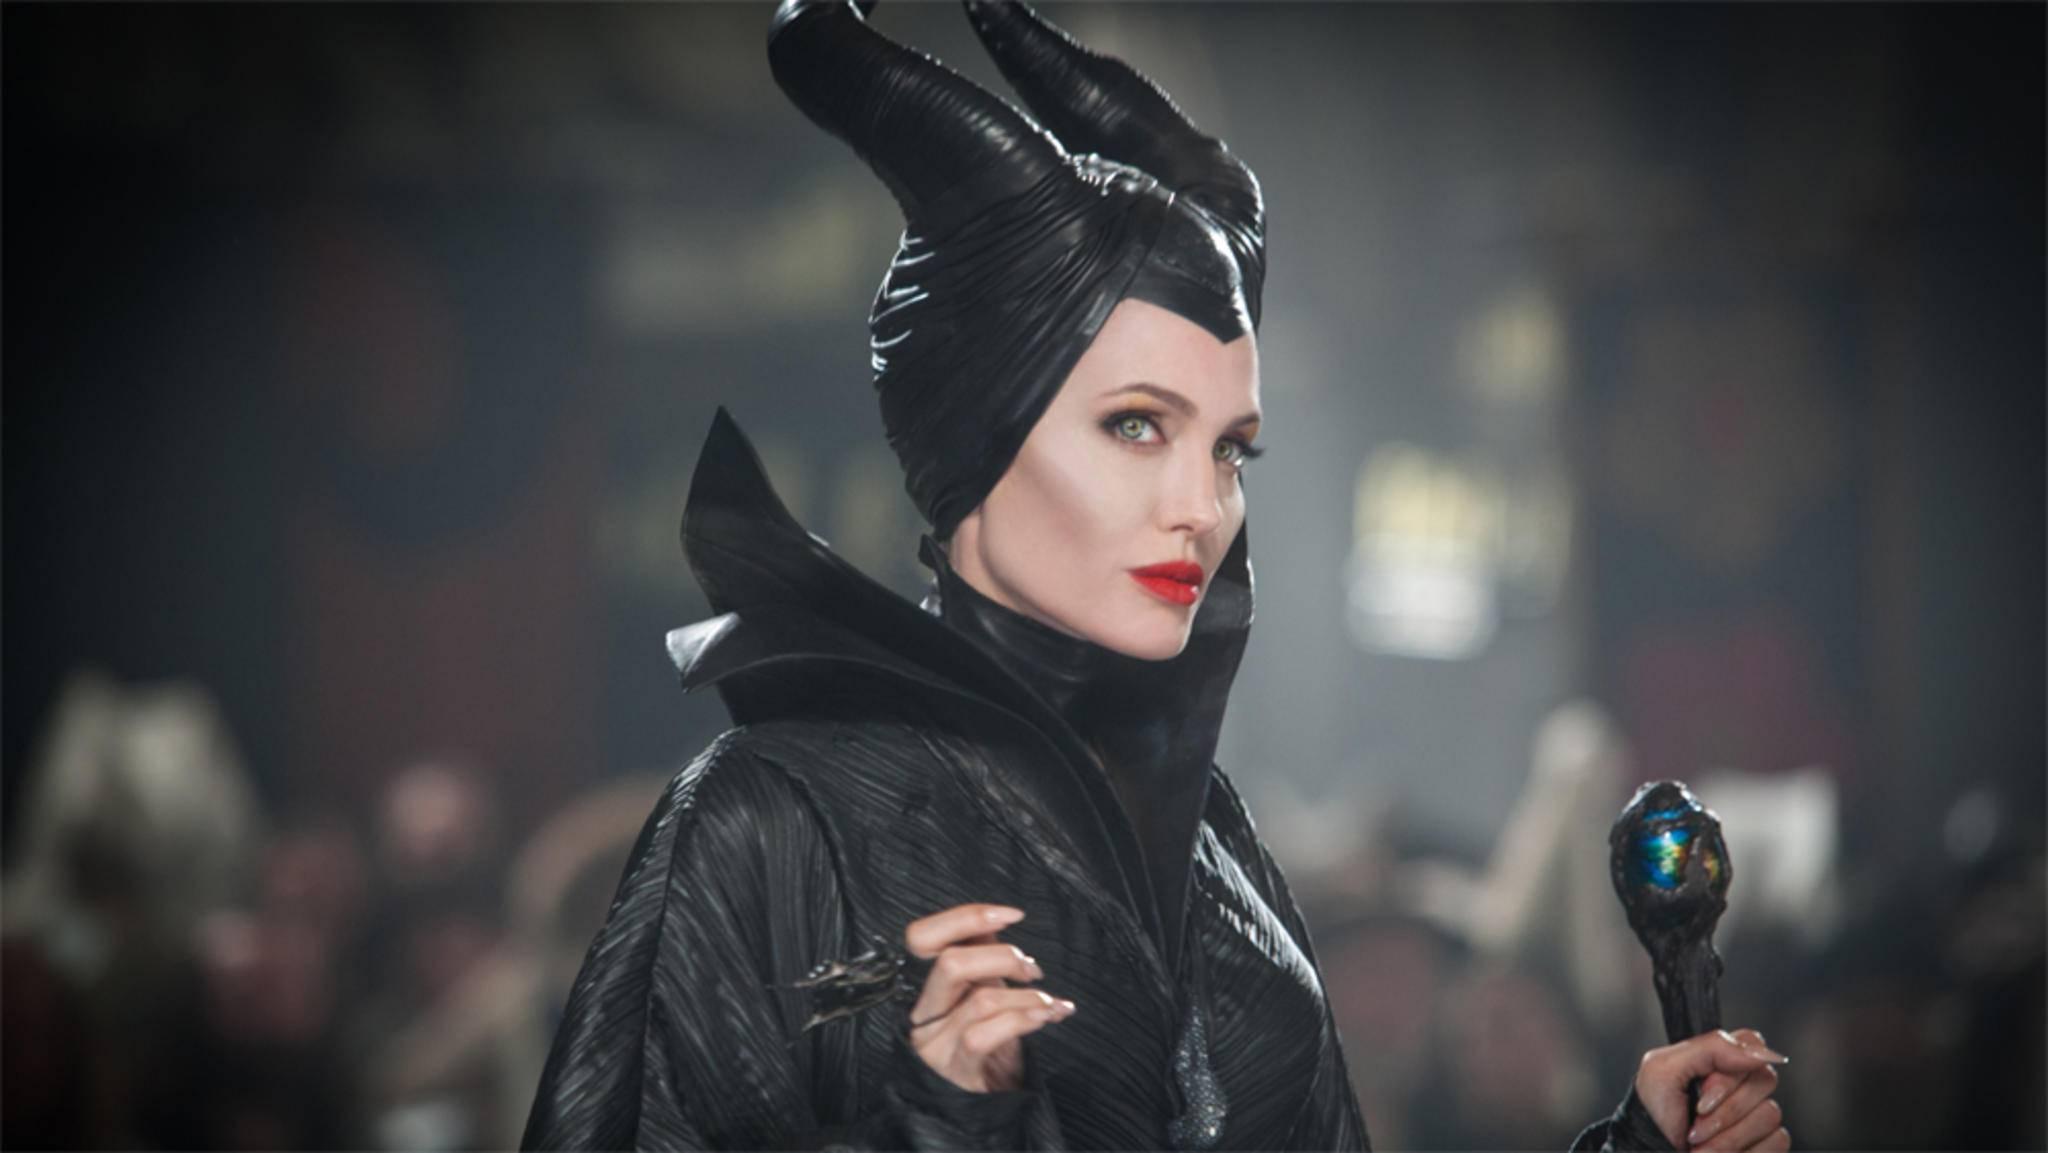 Als dunkle Fee Maleficent versetzte Angelina Jolie ein ganzes Königreich in Angst und Schrecken.